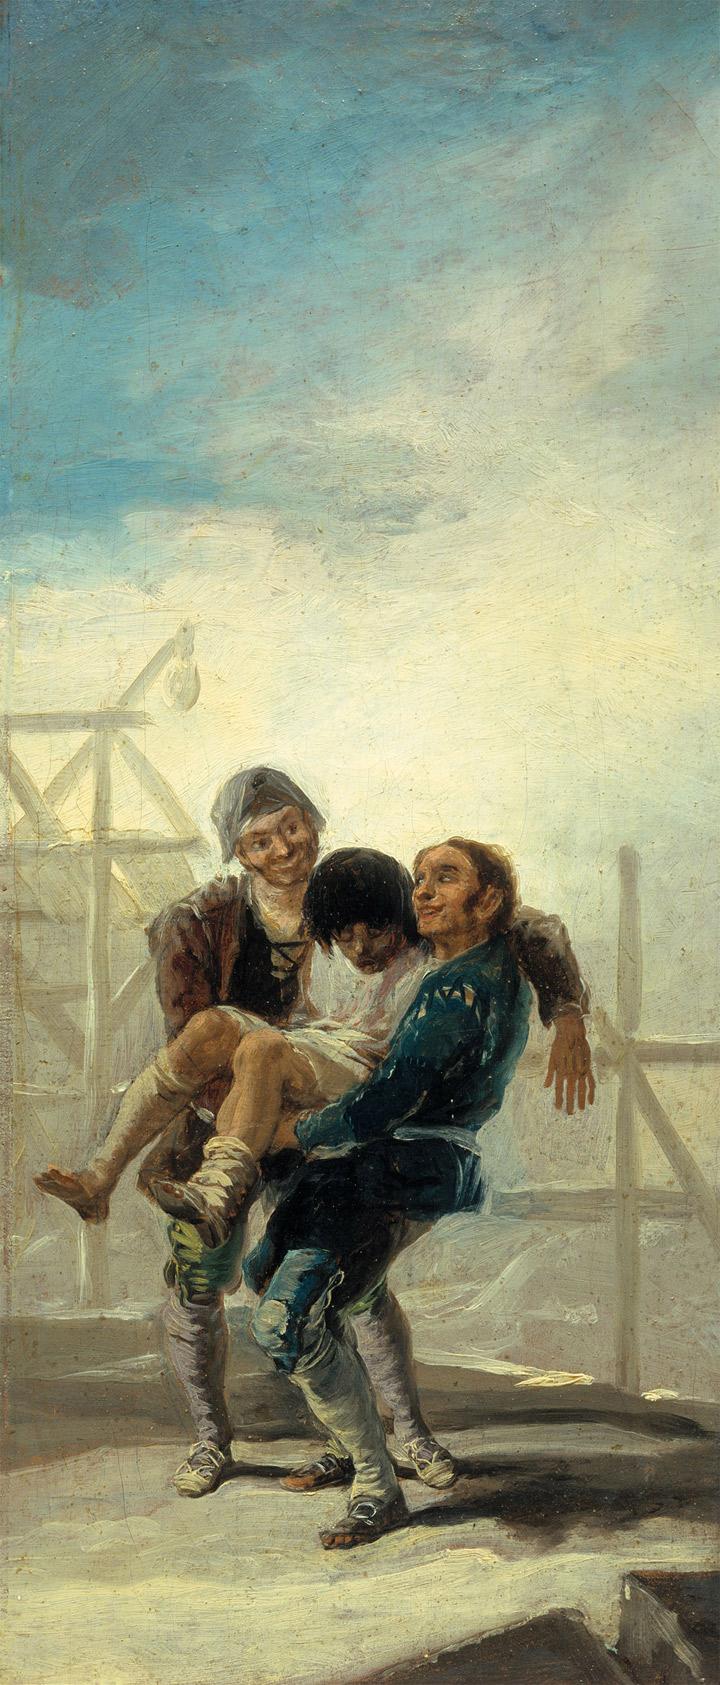 Francisco de Goya,El albañil borracho,boceto, 1786-87, Legado Fernández Durán, Madrid, Museo del Prado